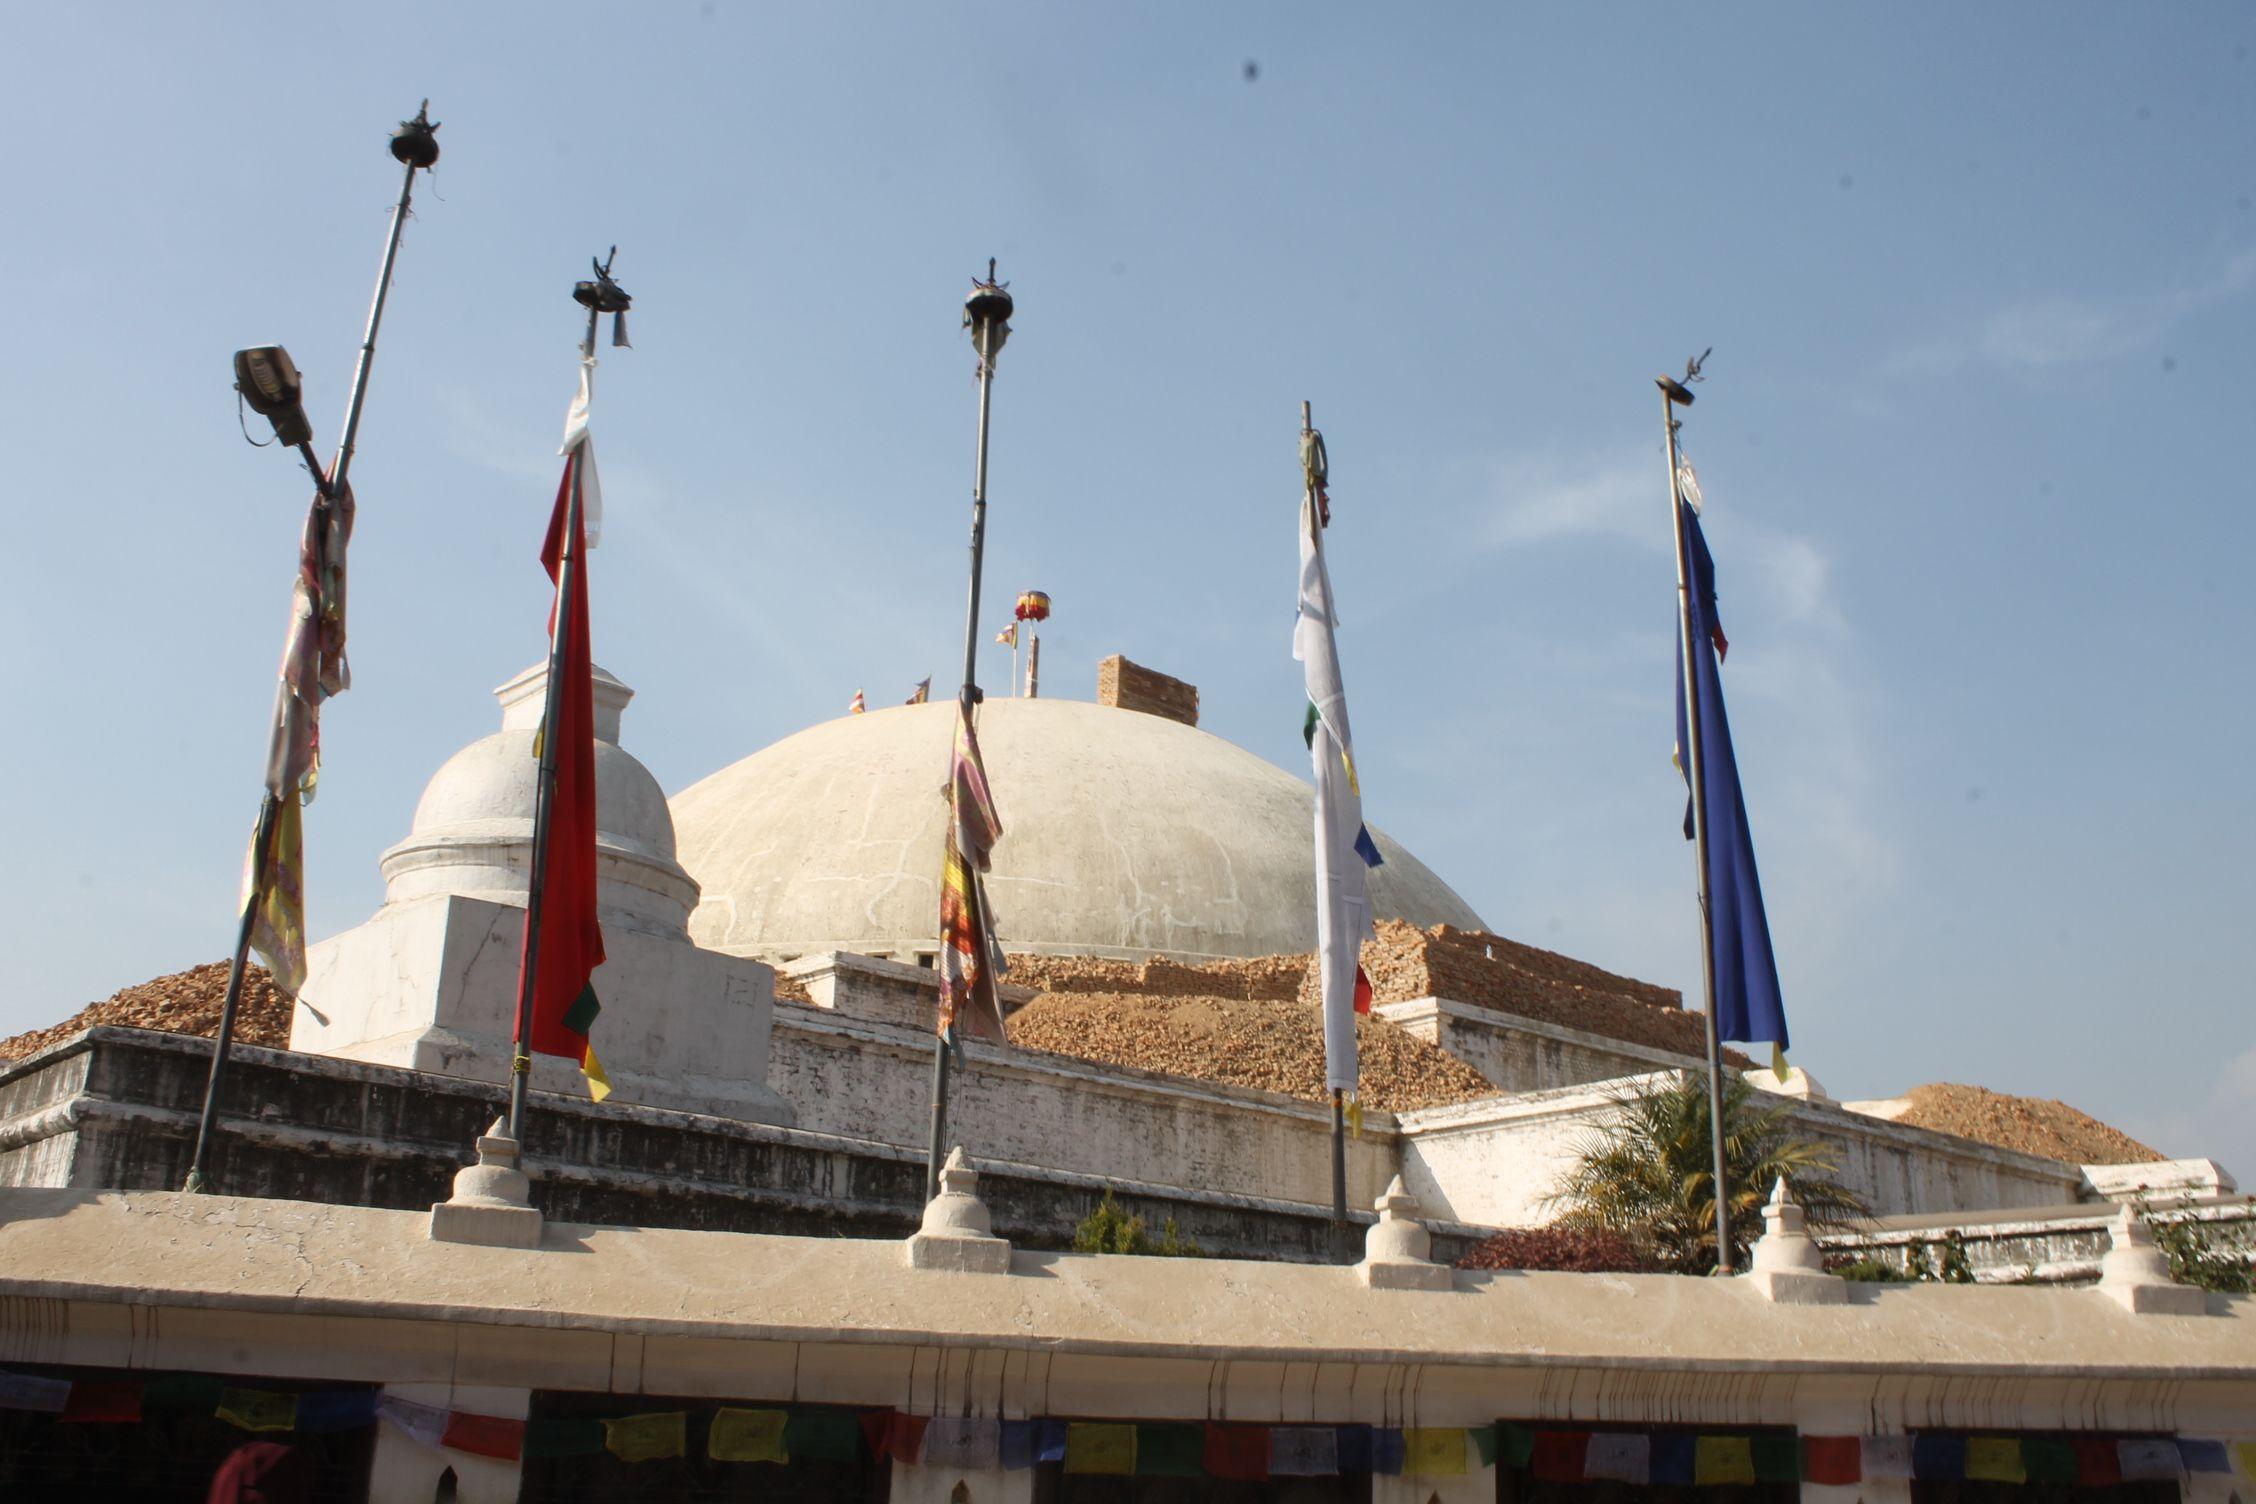 Boudha Nath, después del terremoto sin su famoso pináculo